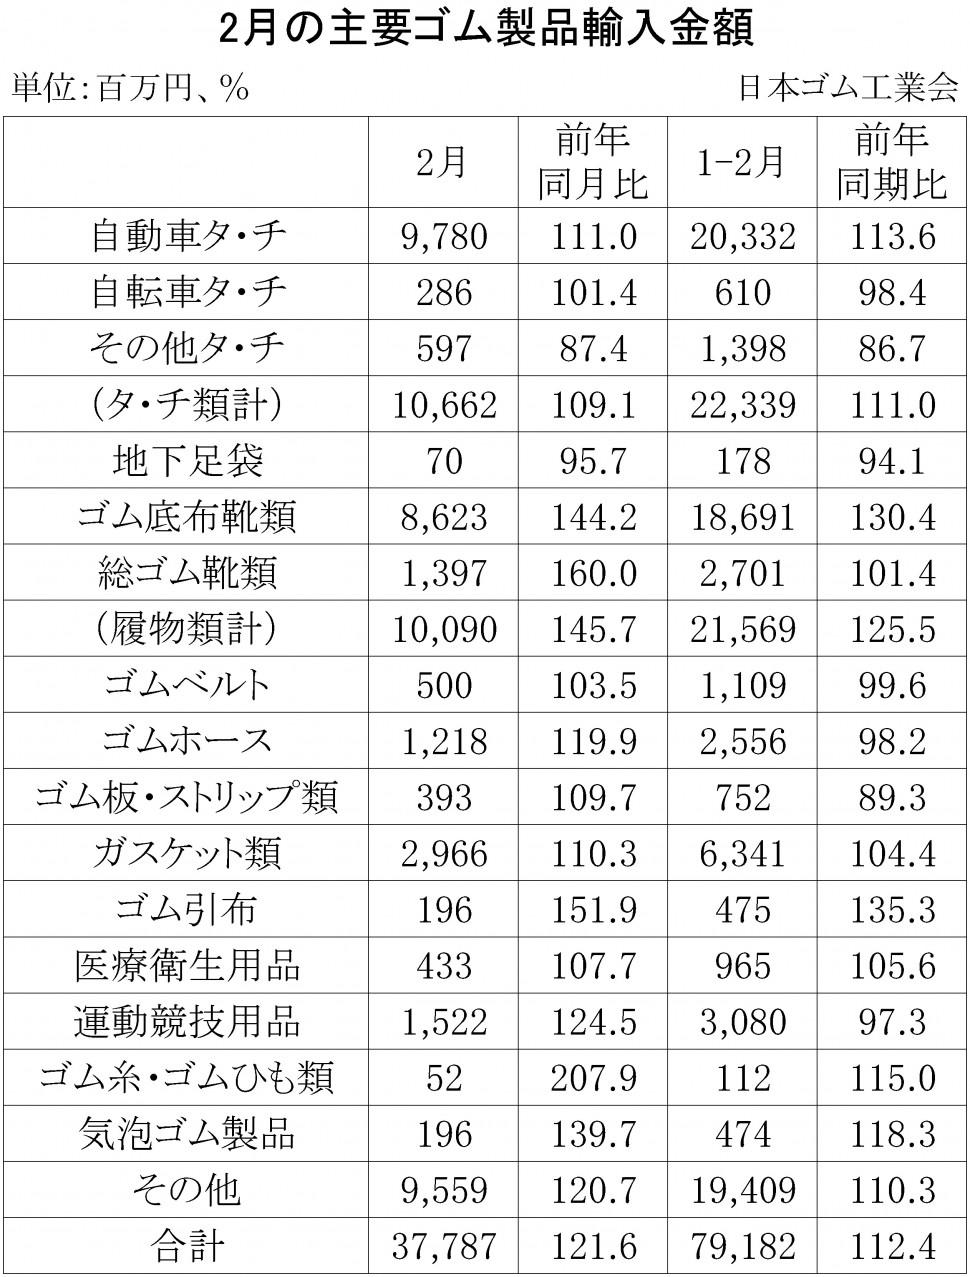 2018年2月ゴム製品輸入